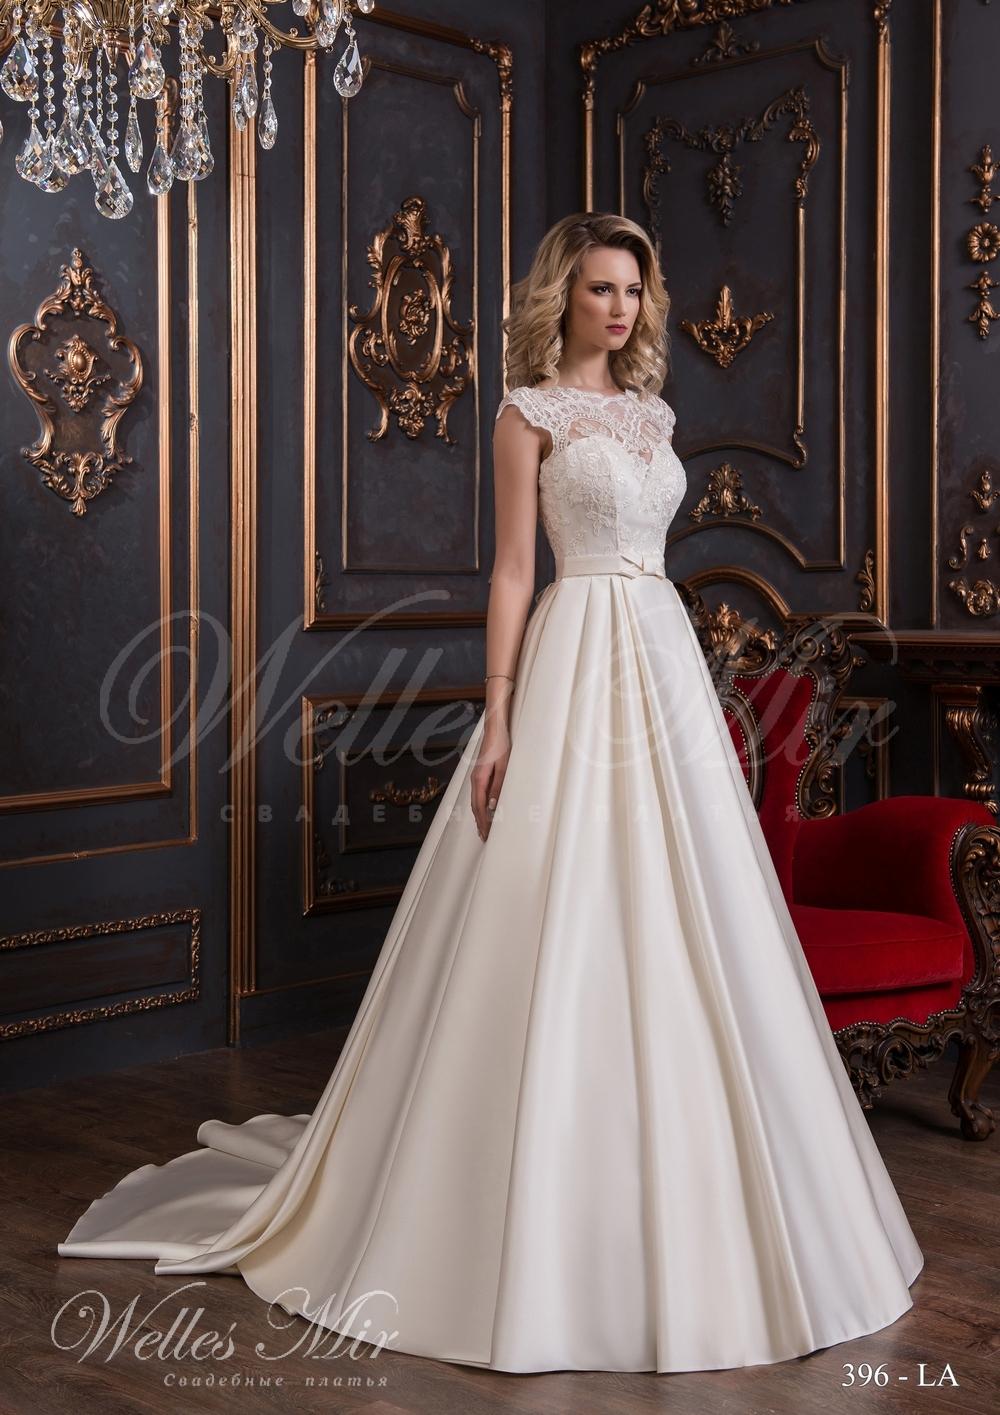 Свадебные платья Luxury collection 2017-2018 - 396-LA